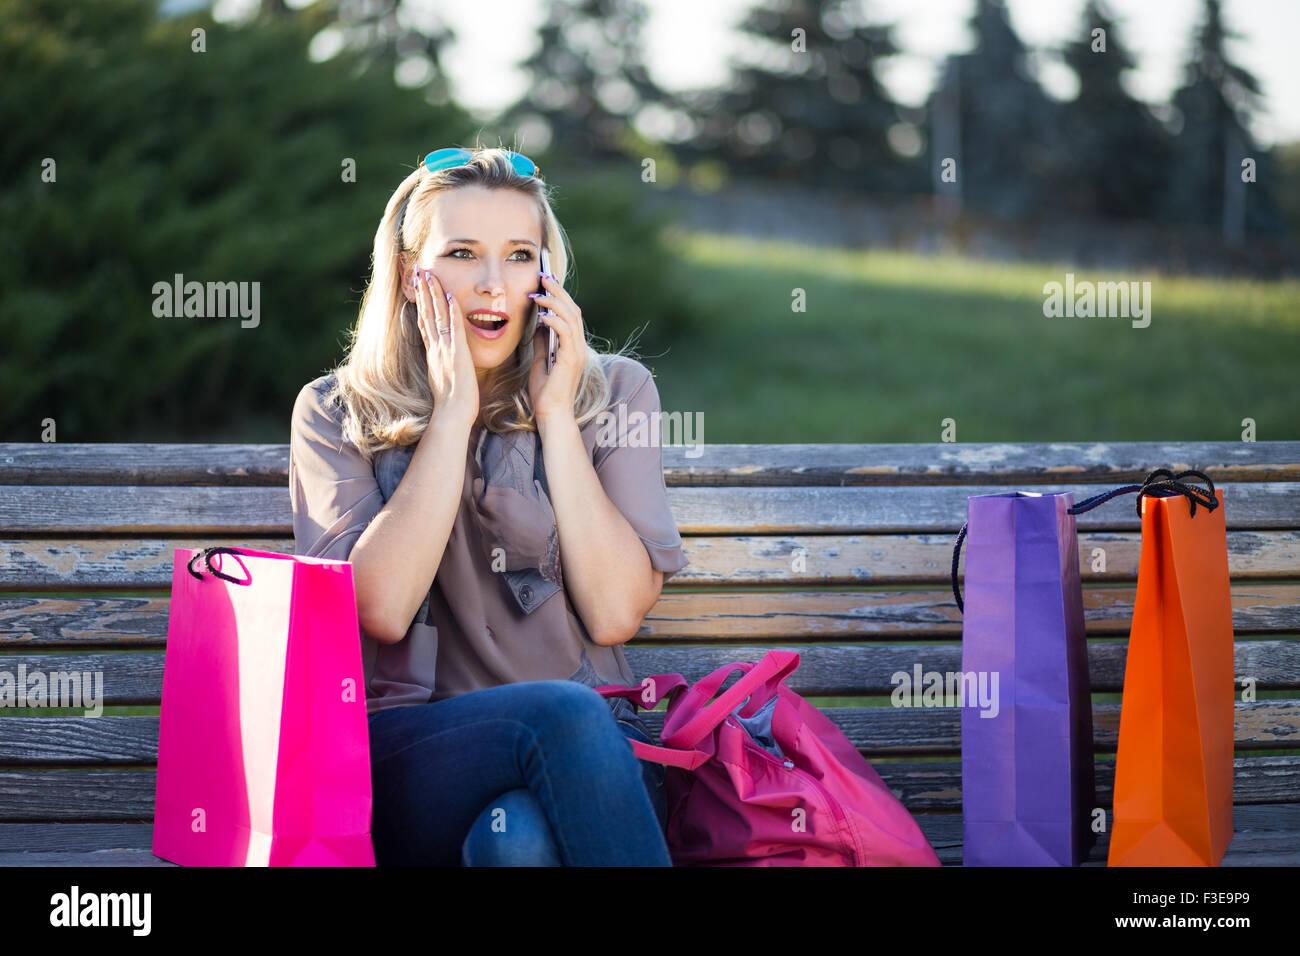 Joven Mujer europea utilizando un teléfono en un banco después de ir de compras. Sorprendido adult chica Imagen De Stock